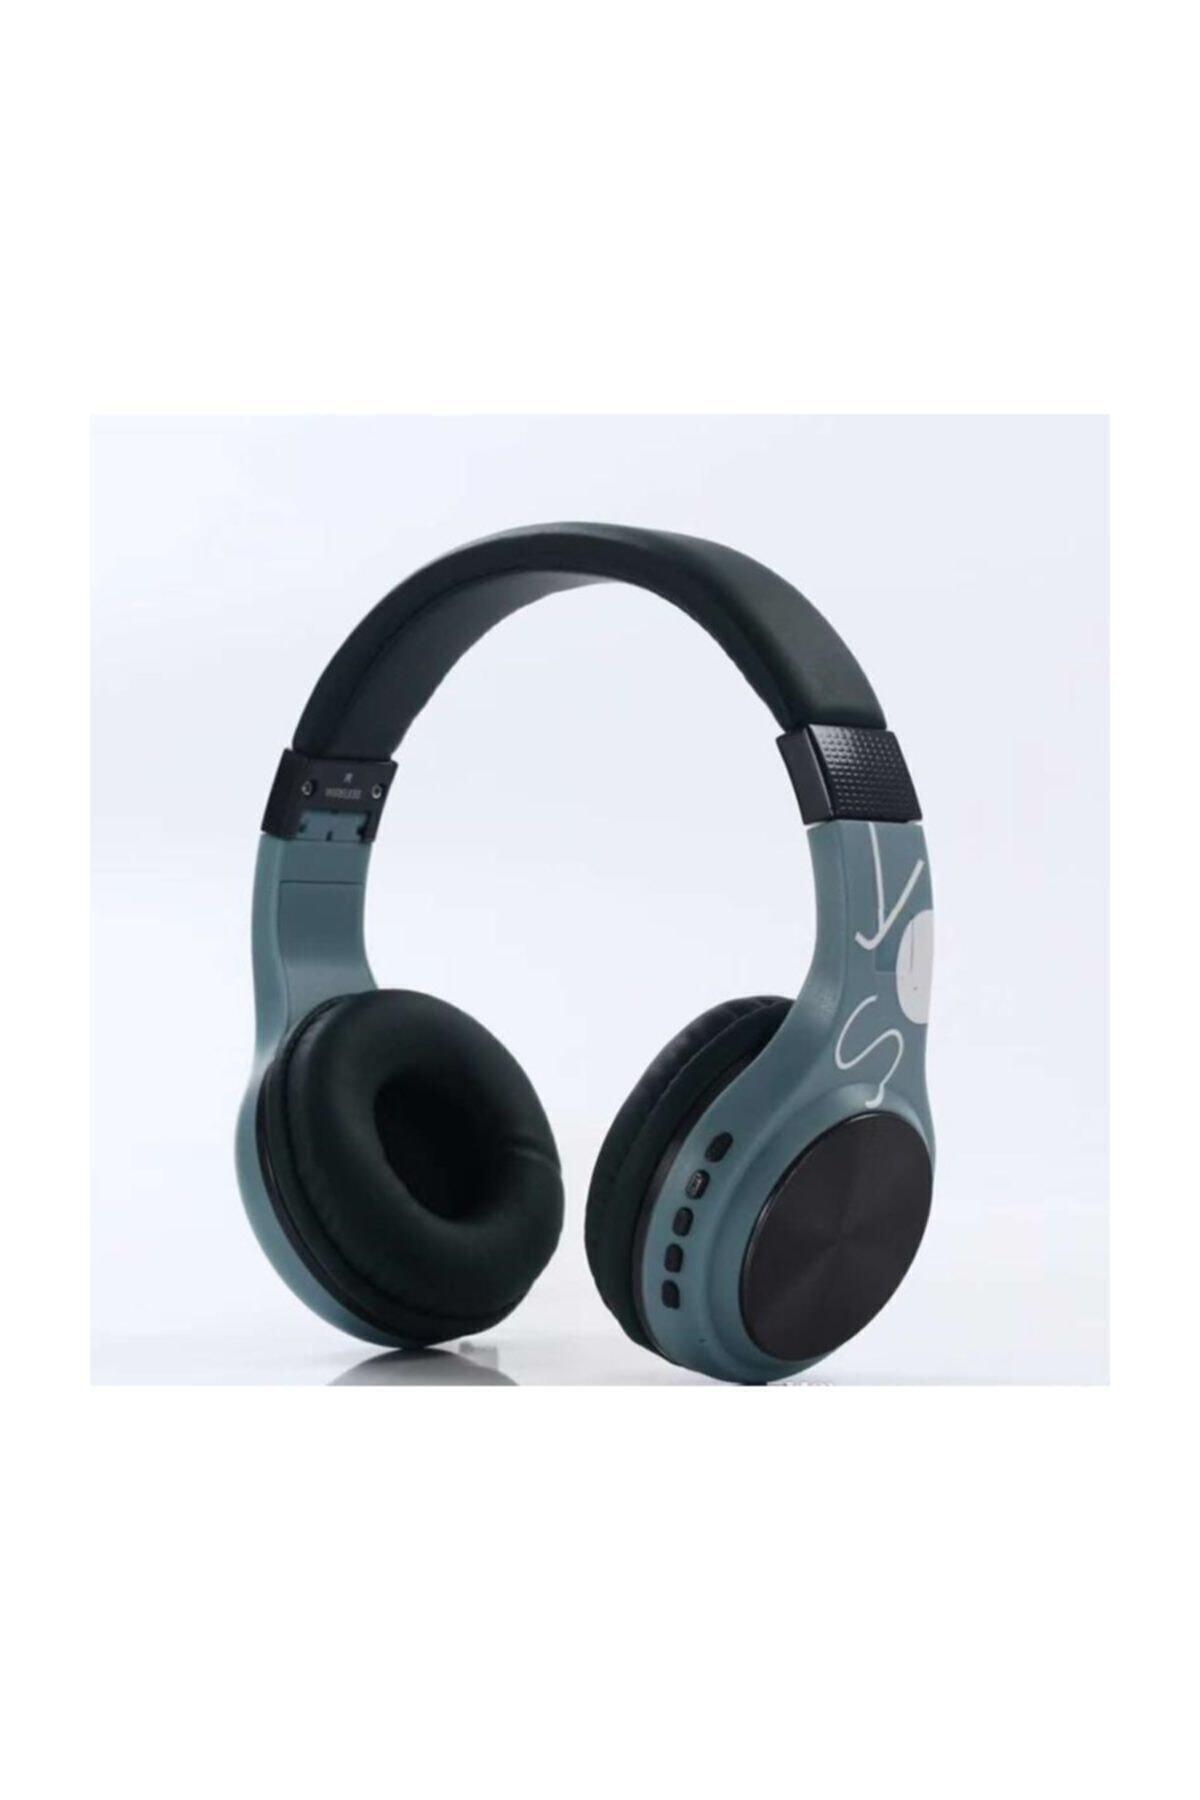 SY-BT1607 Bluetooth Kulaklık Kablosuz SD Kart Girişi Aux Mavi-siyah